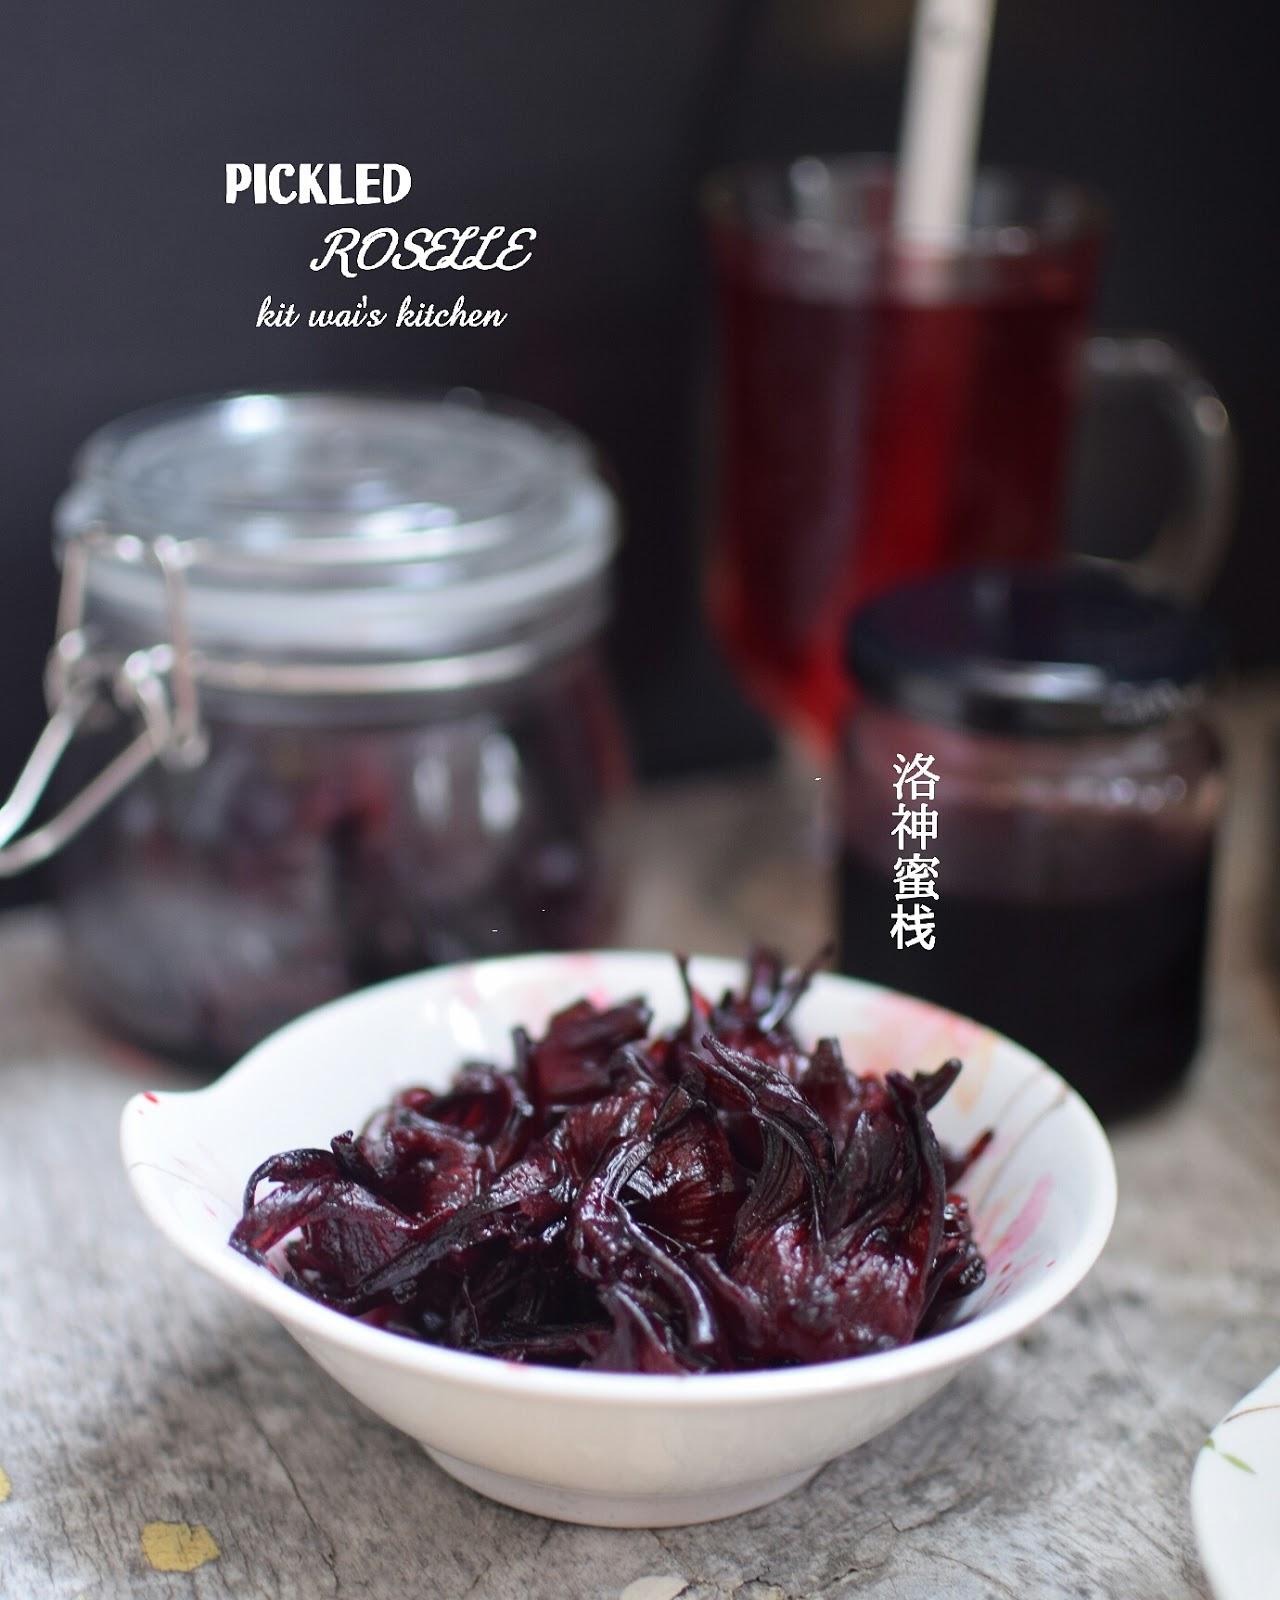 Kit Wai's Kitchen : 洛神蜜栈